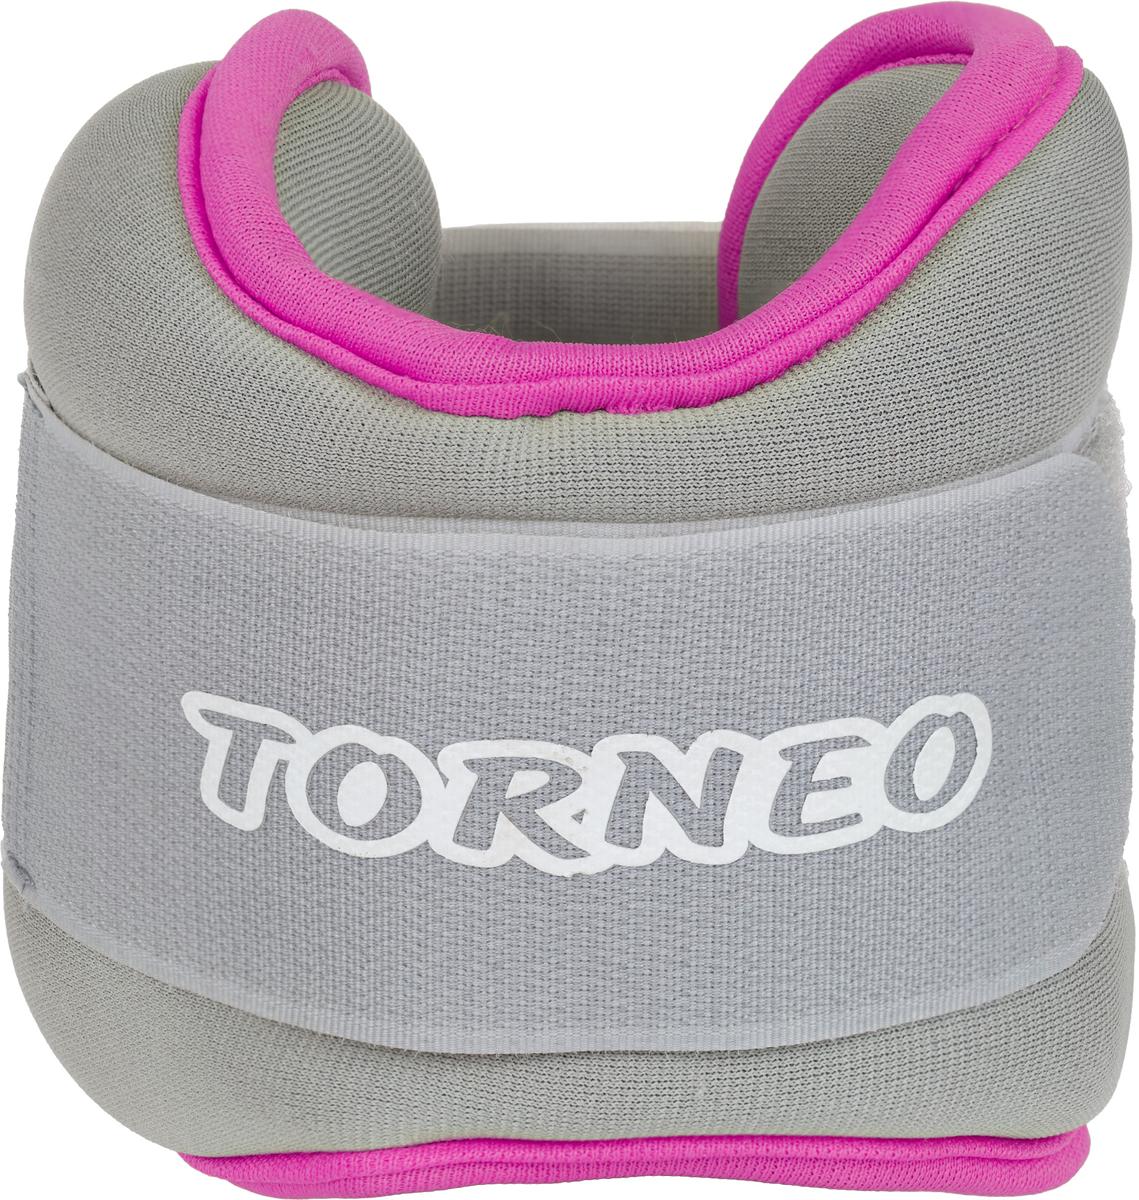 Набор утяжелителей Torneo, цвет: серый, 0,75 кг, 2 шт утяжелитель браслет для рук и ног indigo цвет красный 0 2 кг 2 шт